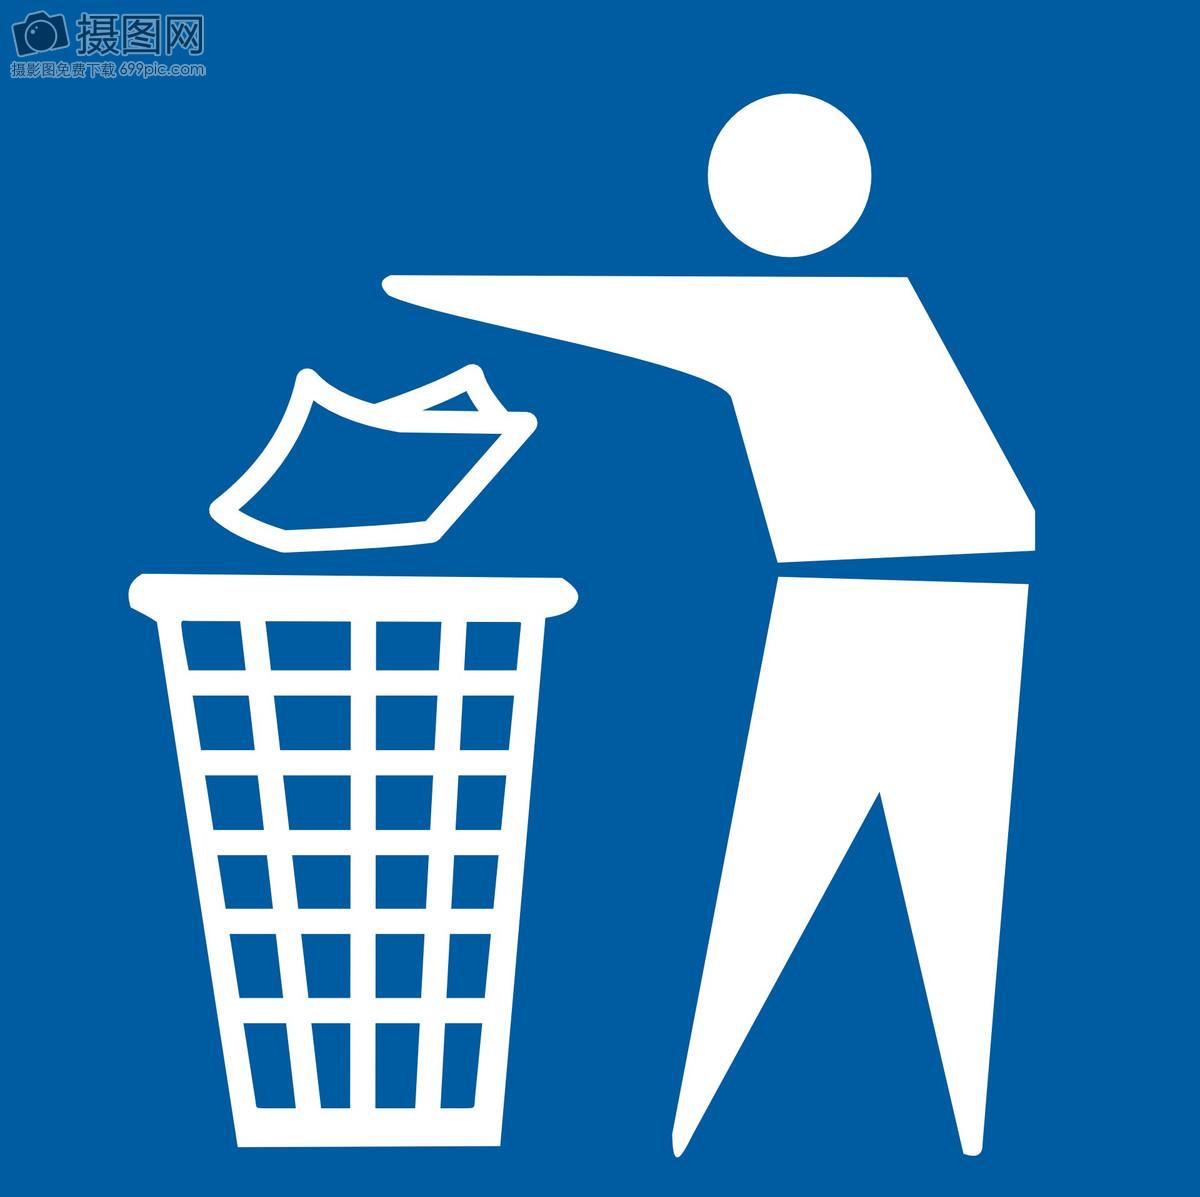 微信朋友圈 qq空间 新浪微博  花瓣 举报 标签: 信息垃圾桶清洁环保迹图片